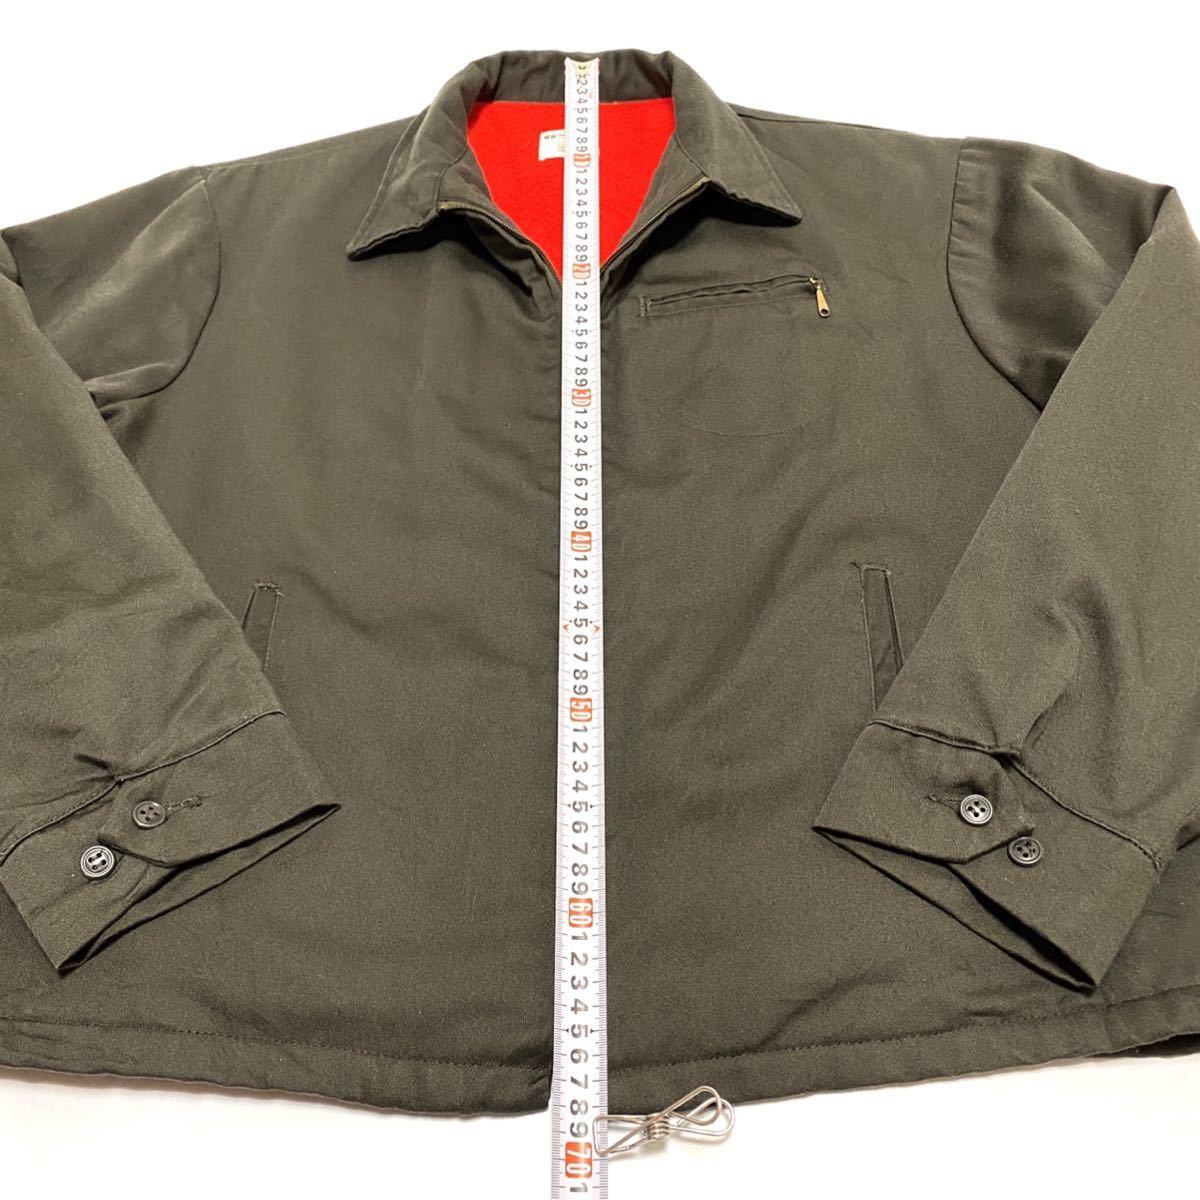 XL相当 70s BIG MAC ビッグマック メンズ ワークジャケット 涙タロン ロケットタロン カーキ 緑系 ビンテージ アメリカ古着_画像4